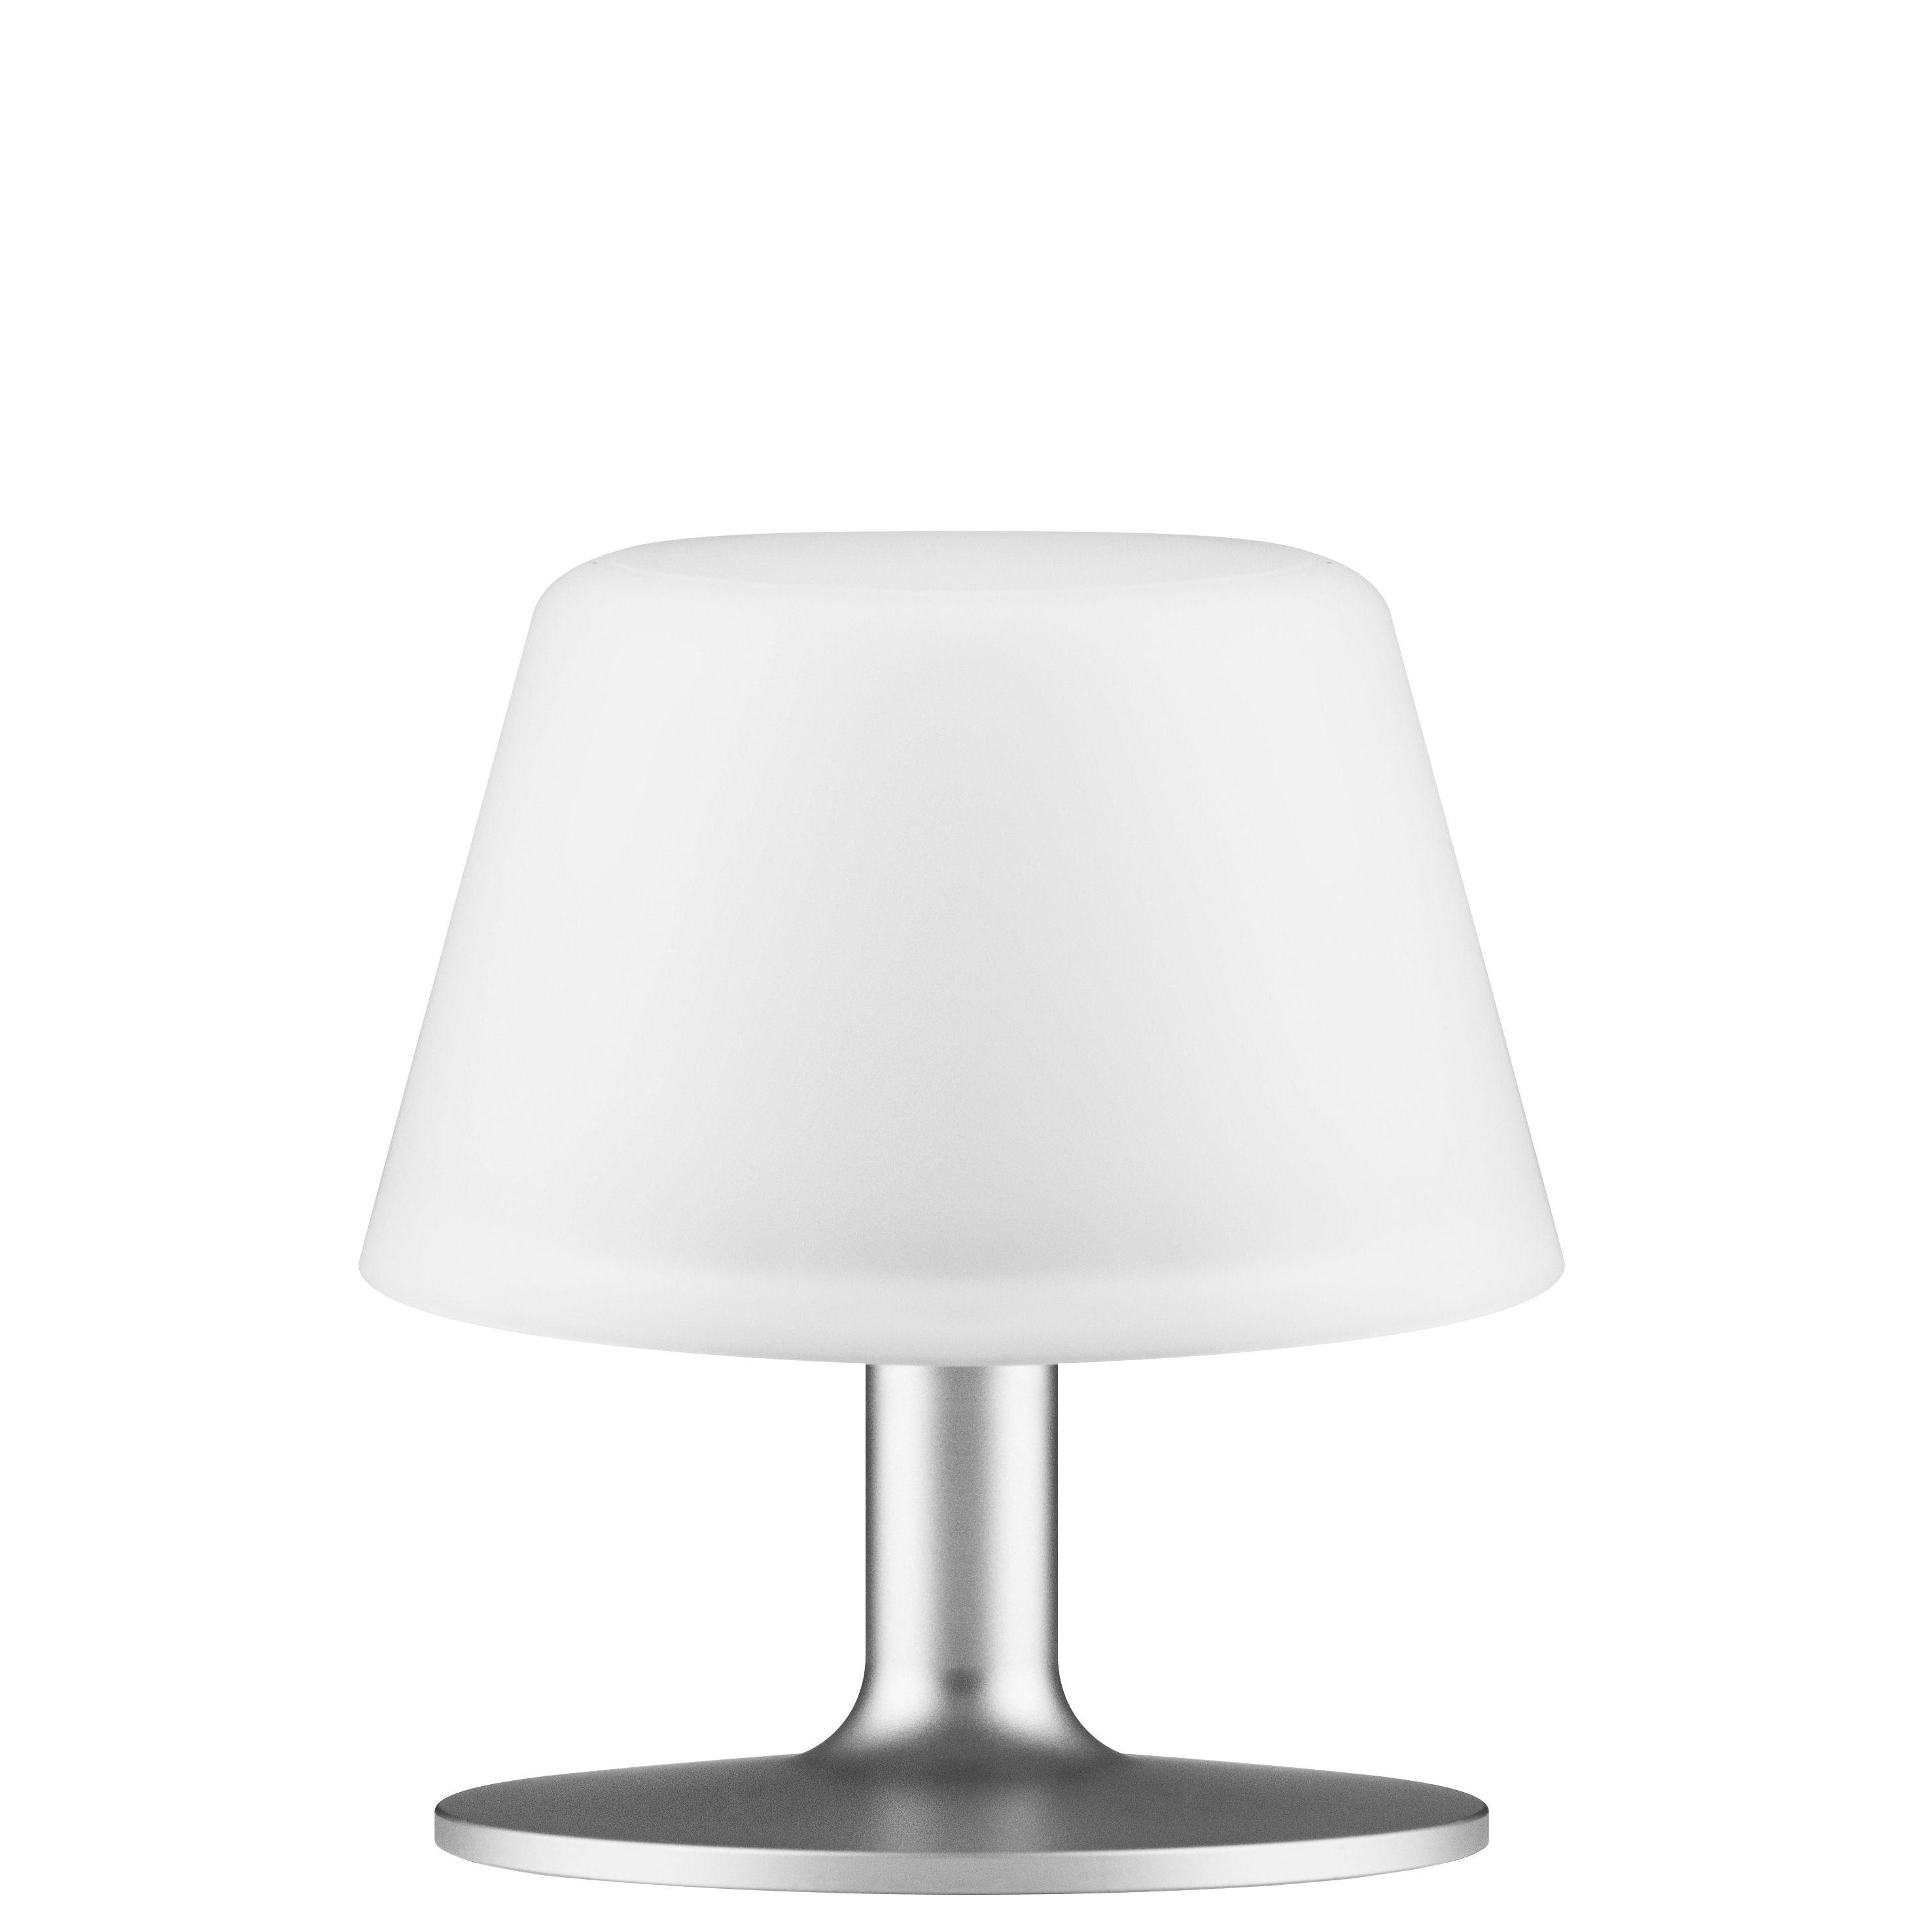 Luminaire - Lampes de table - Lampe solaire Sunlight Small / Sans fil - H 15 cm - Eva Solo - Small - Blanc & pied alu - Aluminium anodisé, Verre dépoli